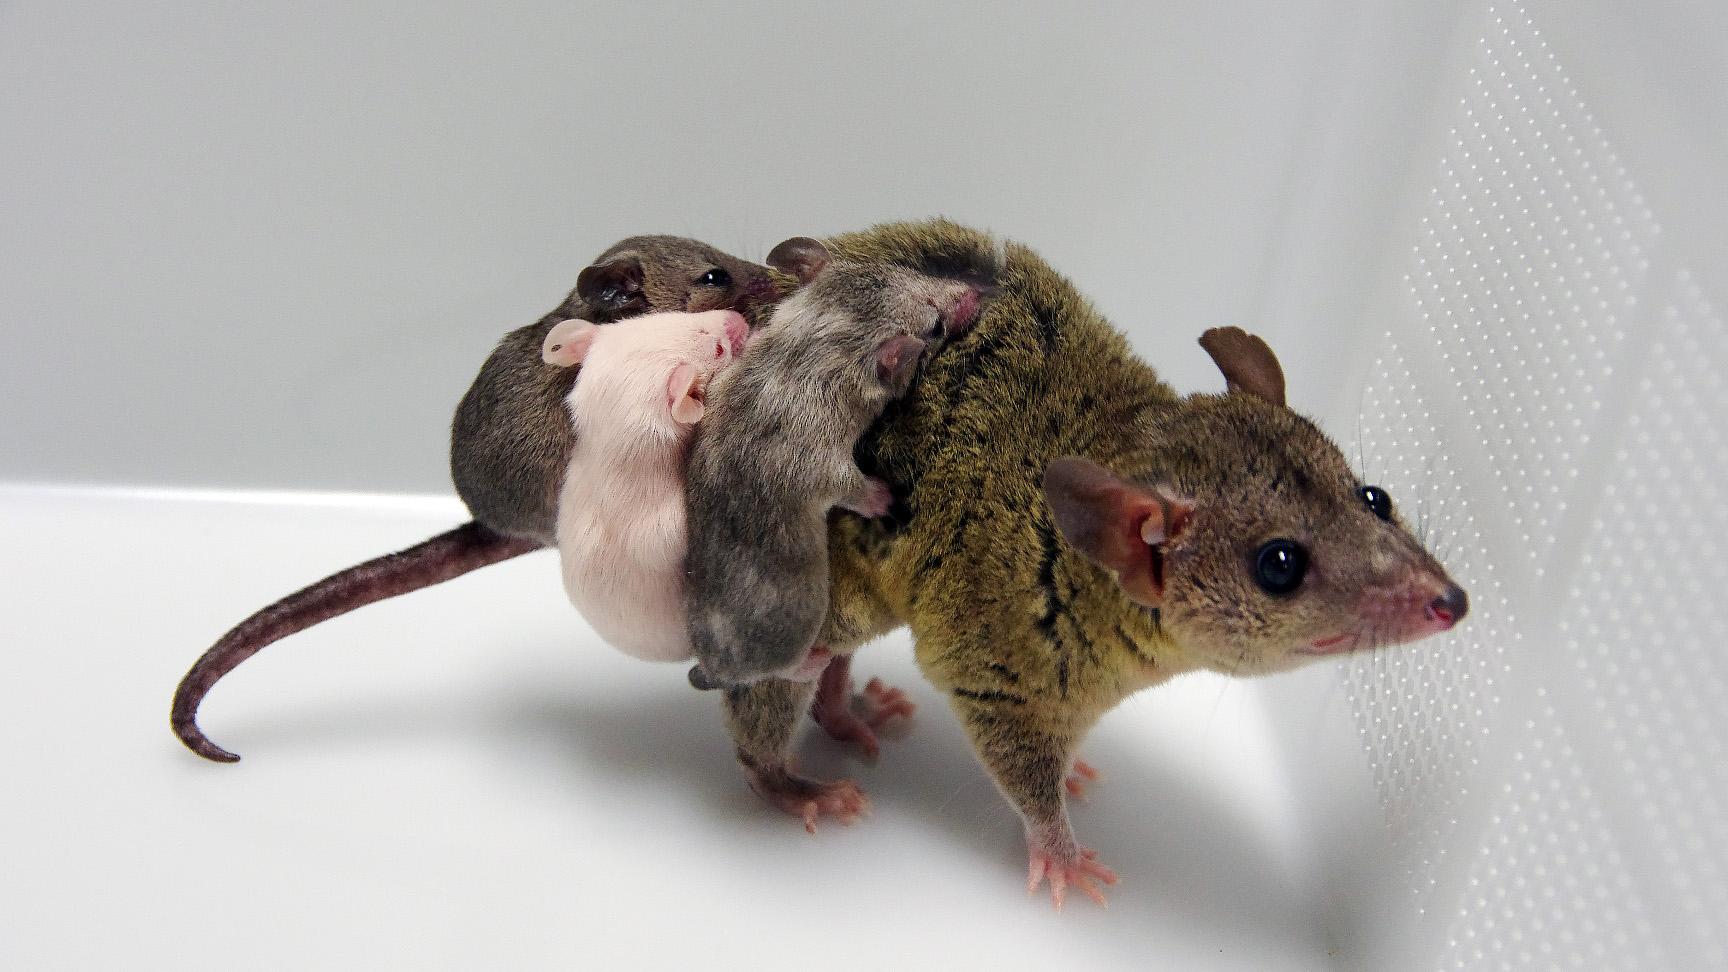 日本の理研チーム、有袋類の遺伝子改変に成功 世界初